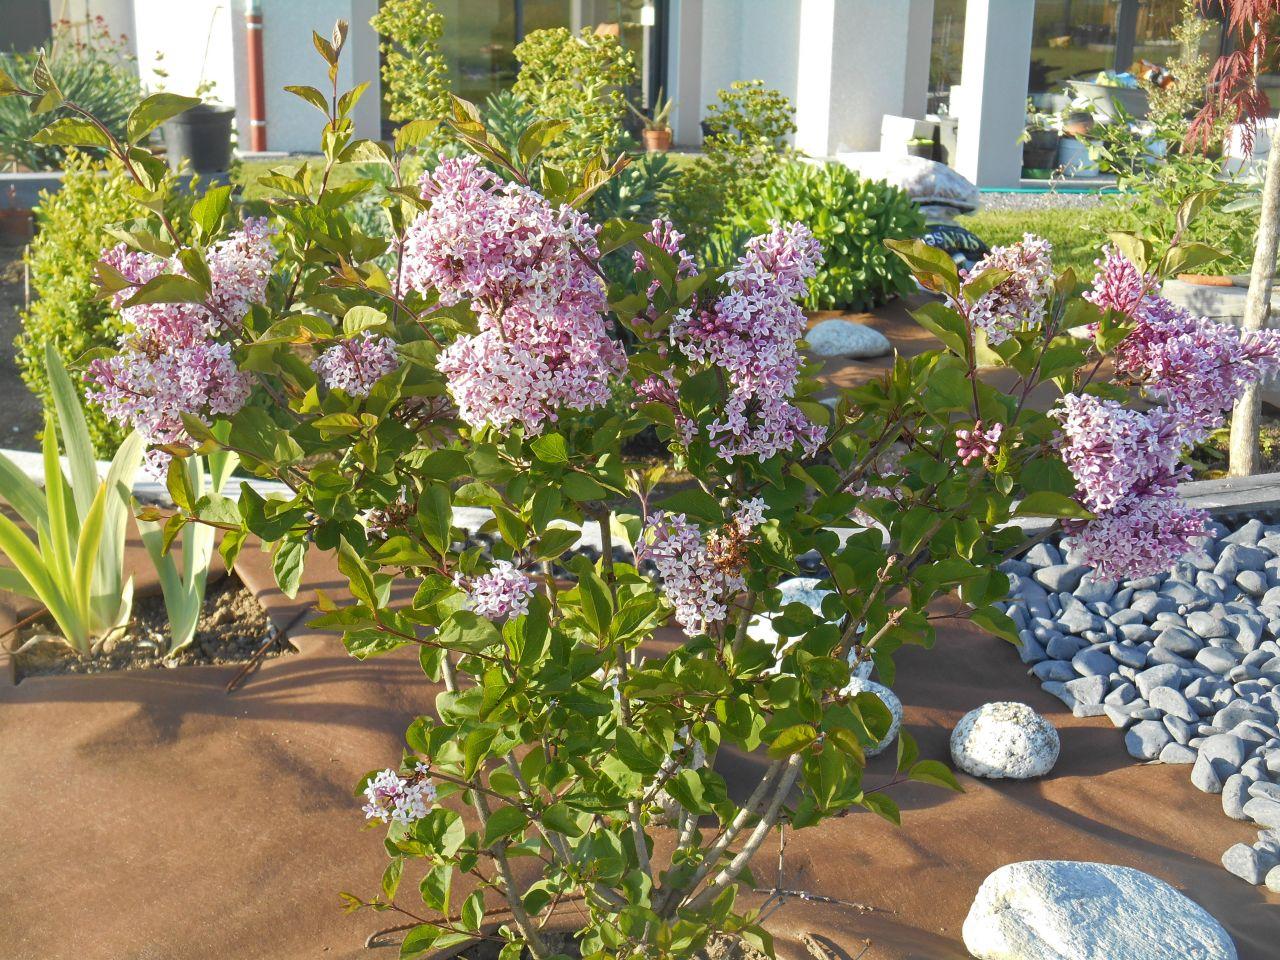 La r cup ration tombe l 39 eau lis l sous le lilas - Au jardin de mon pere les lilas sont fleuris ...